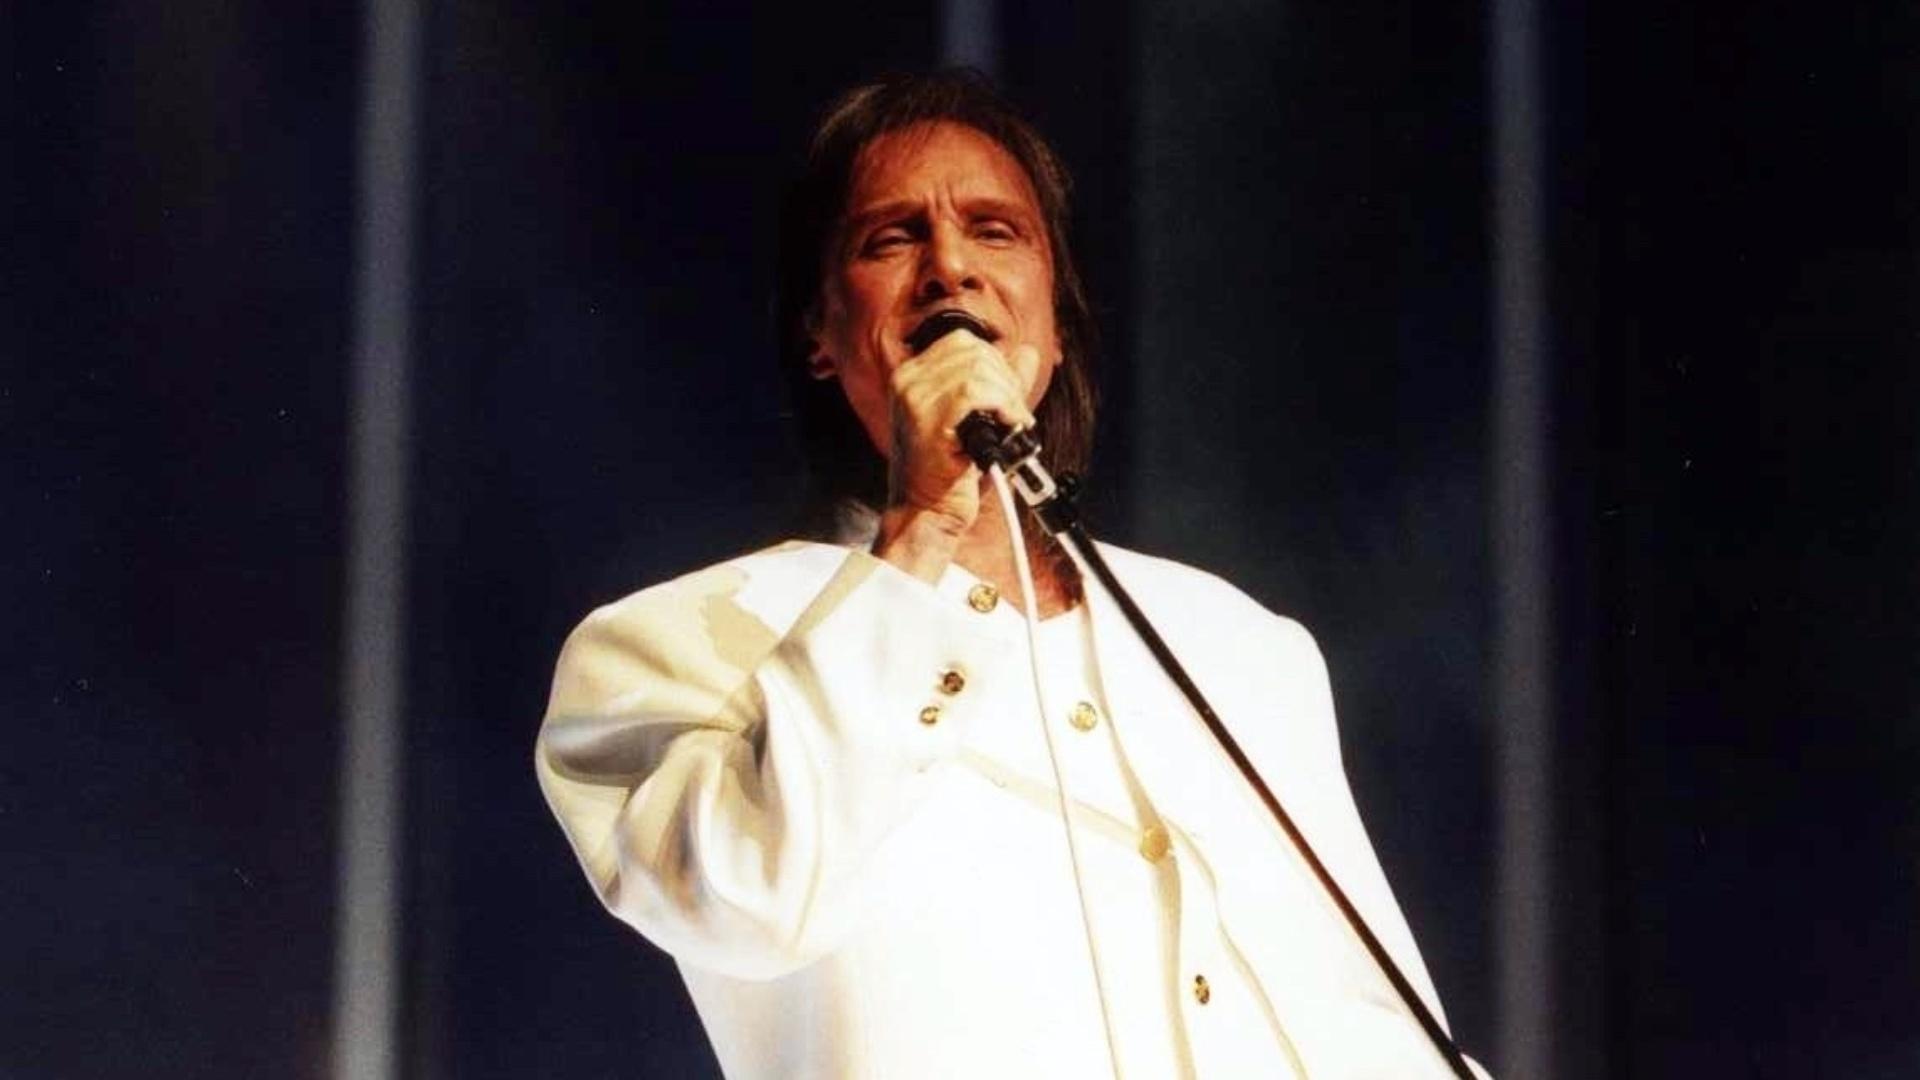 Com terno branco, Roberto Carlos grava especial exibido em 2002